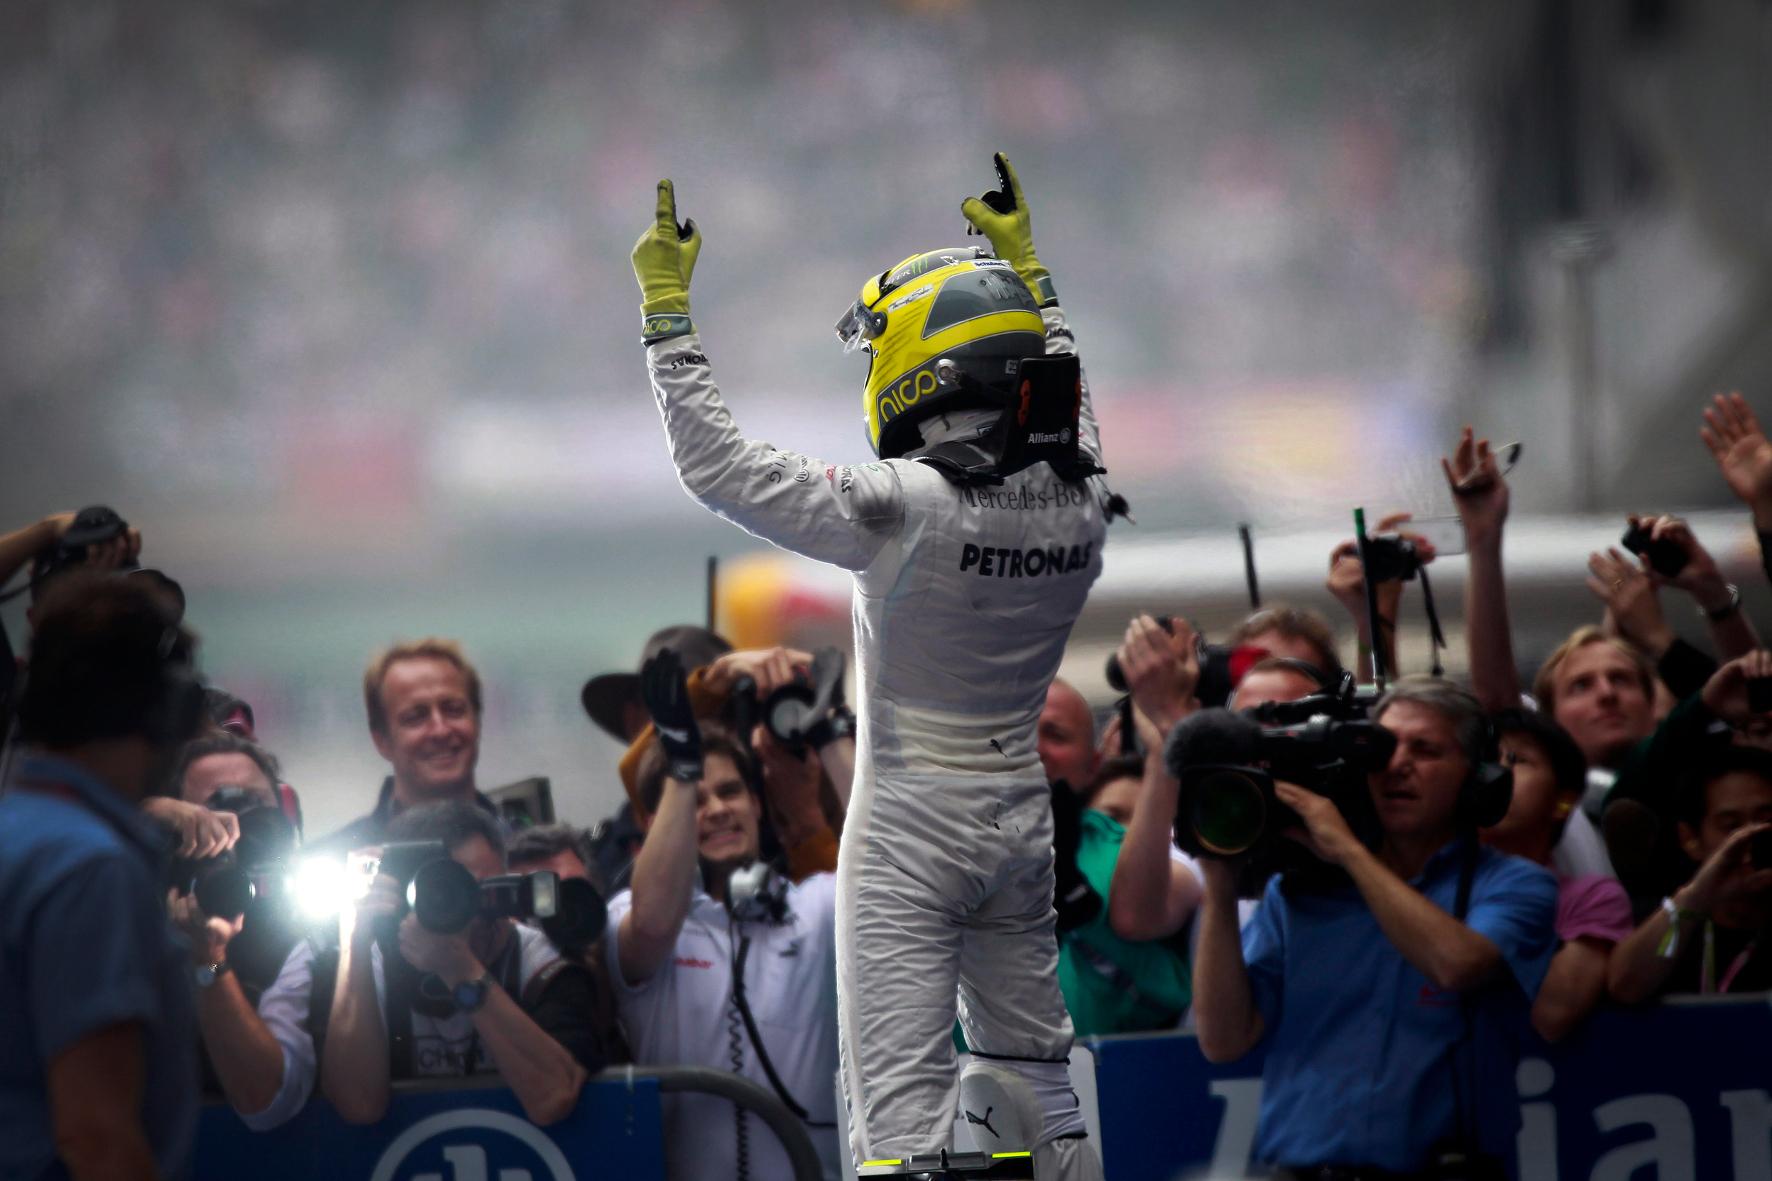 mid Groß-Gerau - Time to say Goodbye: Nico Rosberg steigt für immer aus dem Rennauto. Er tritt als Formel-1-Weltmeister auf dem Höhepunkt seiner Karriere. Respekt für diese Entscheidung.